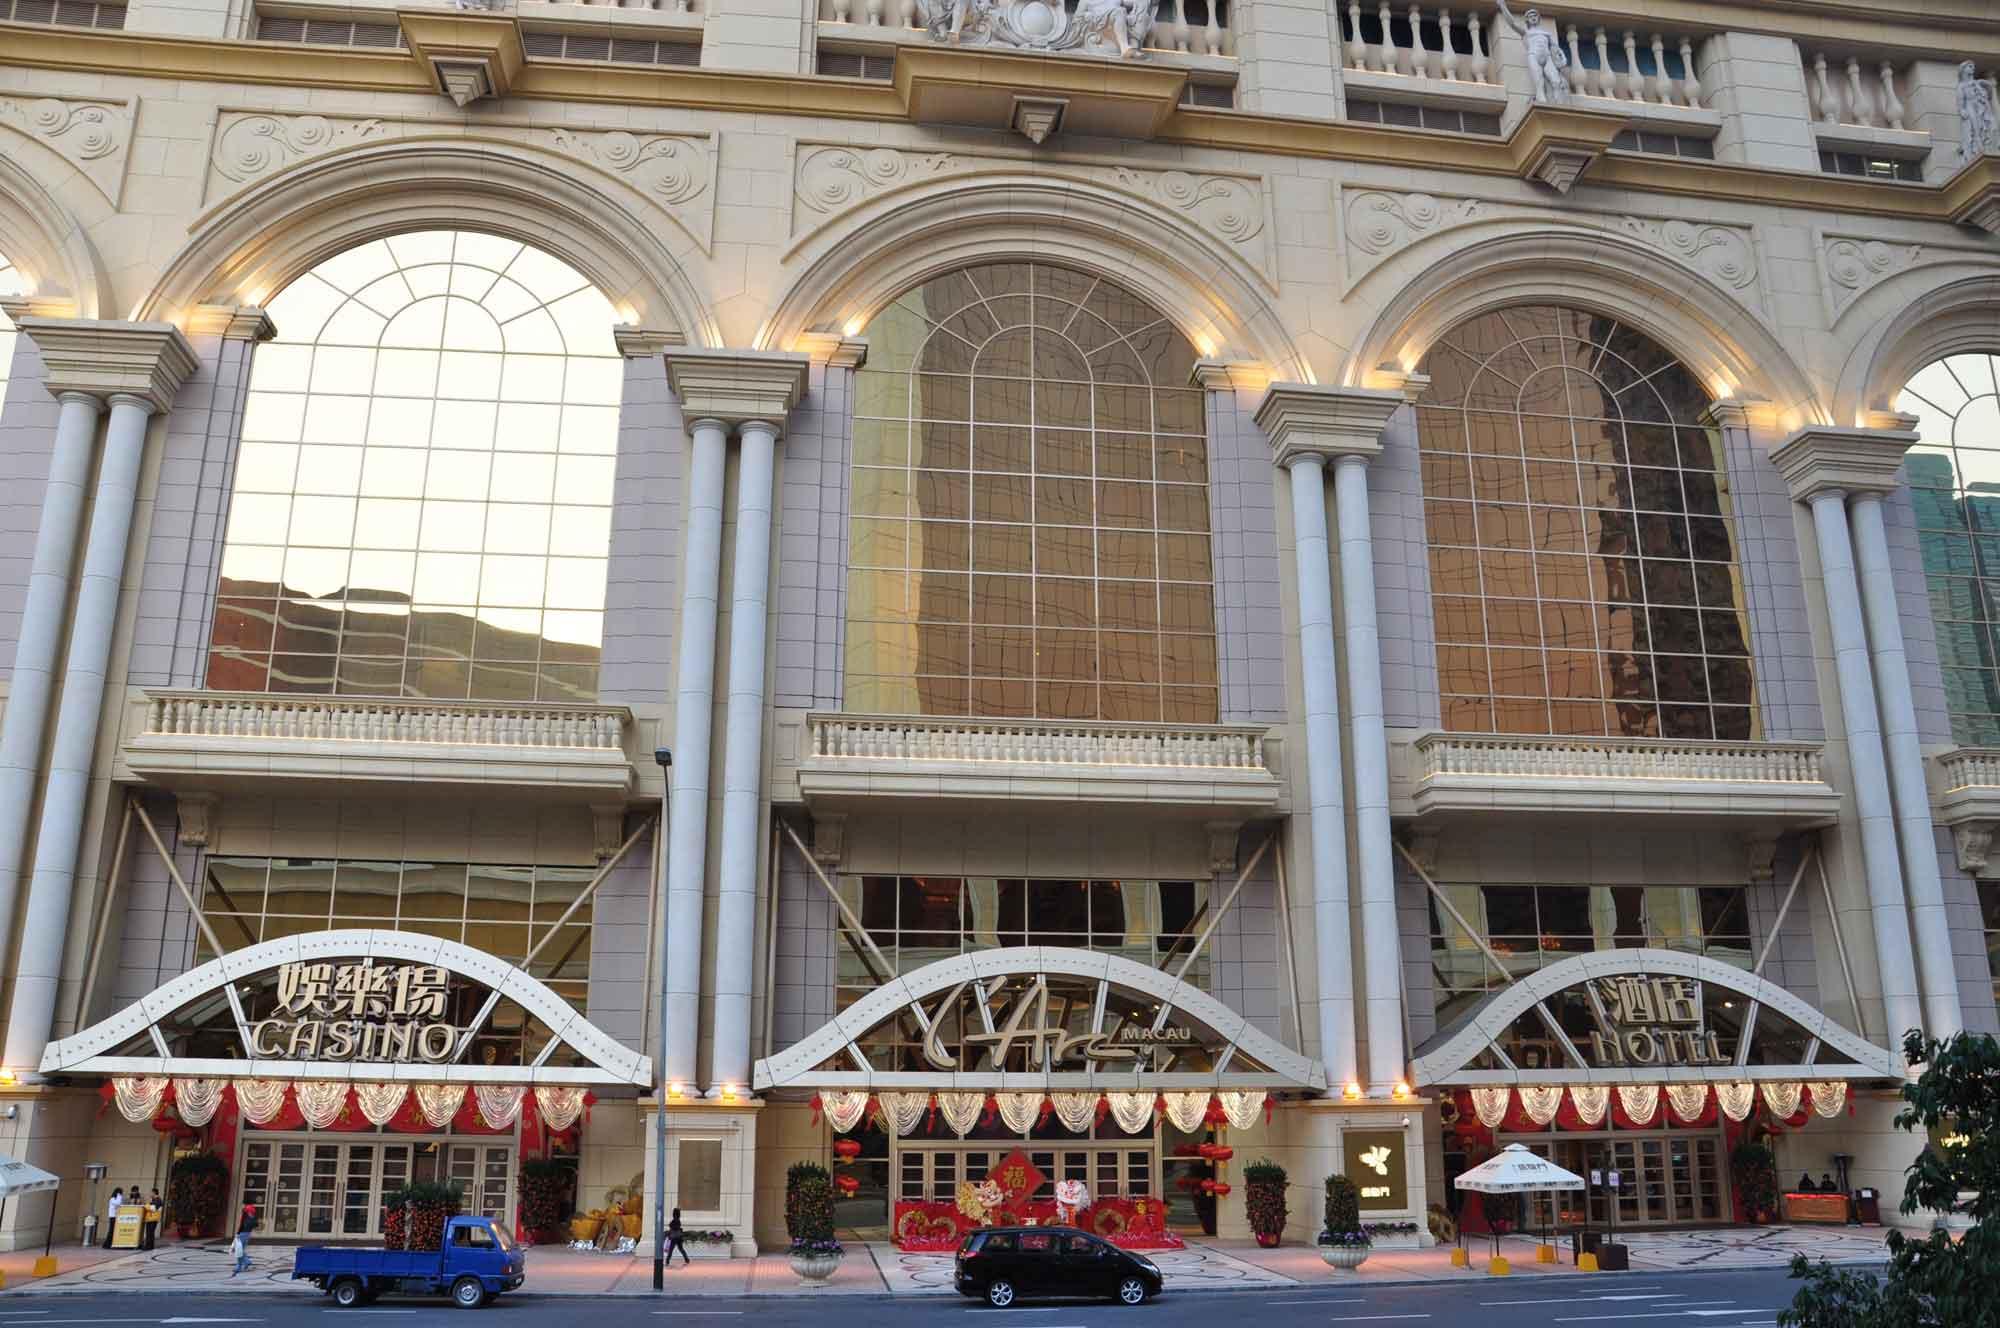 L'Arc Macau casino and hotel